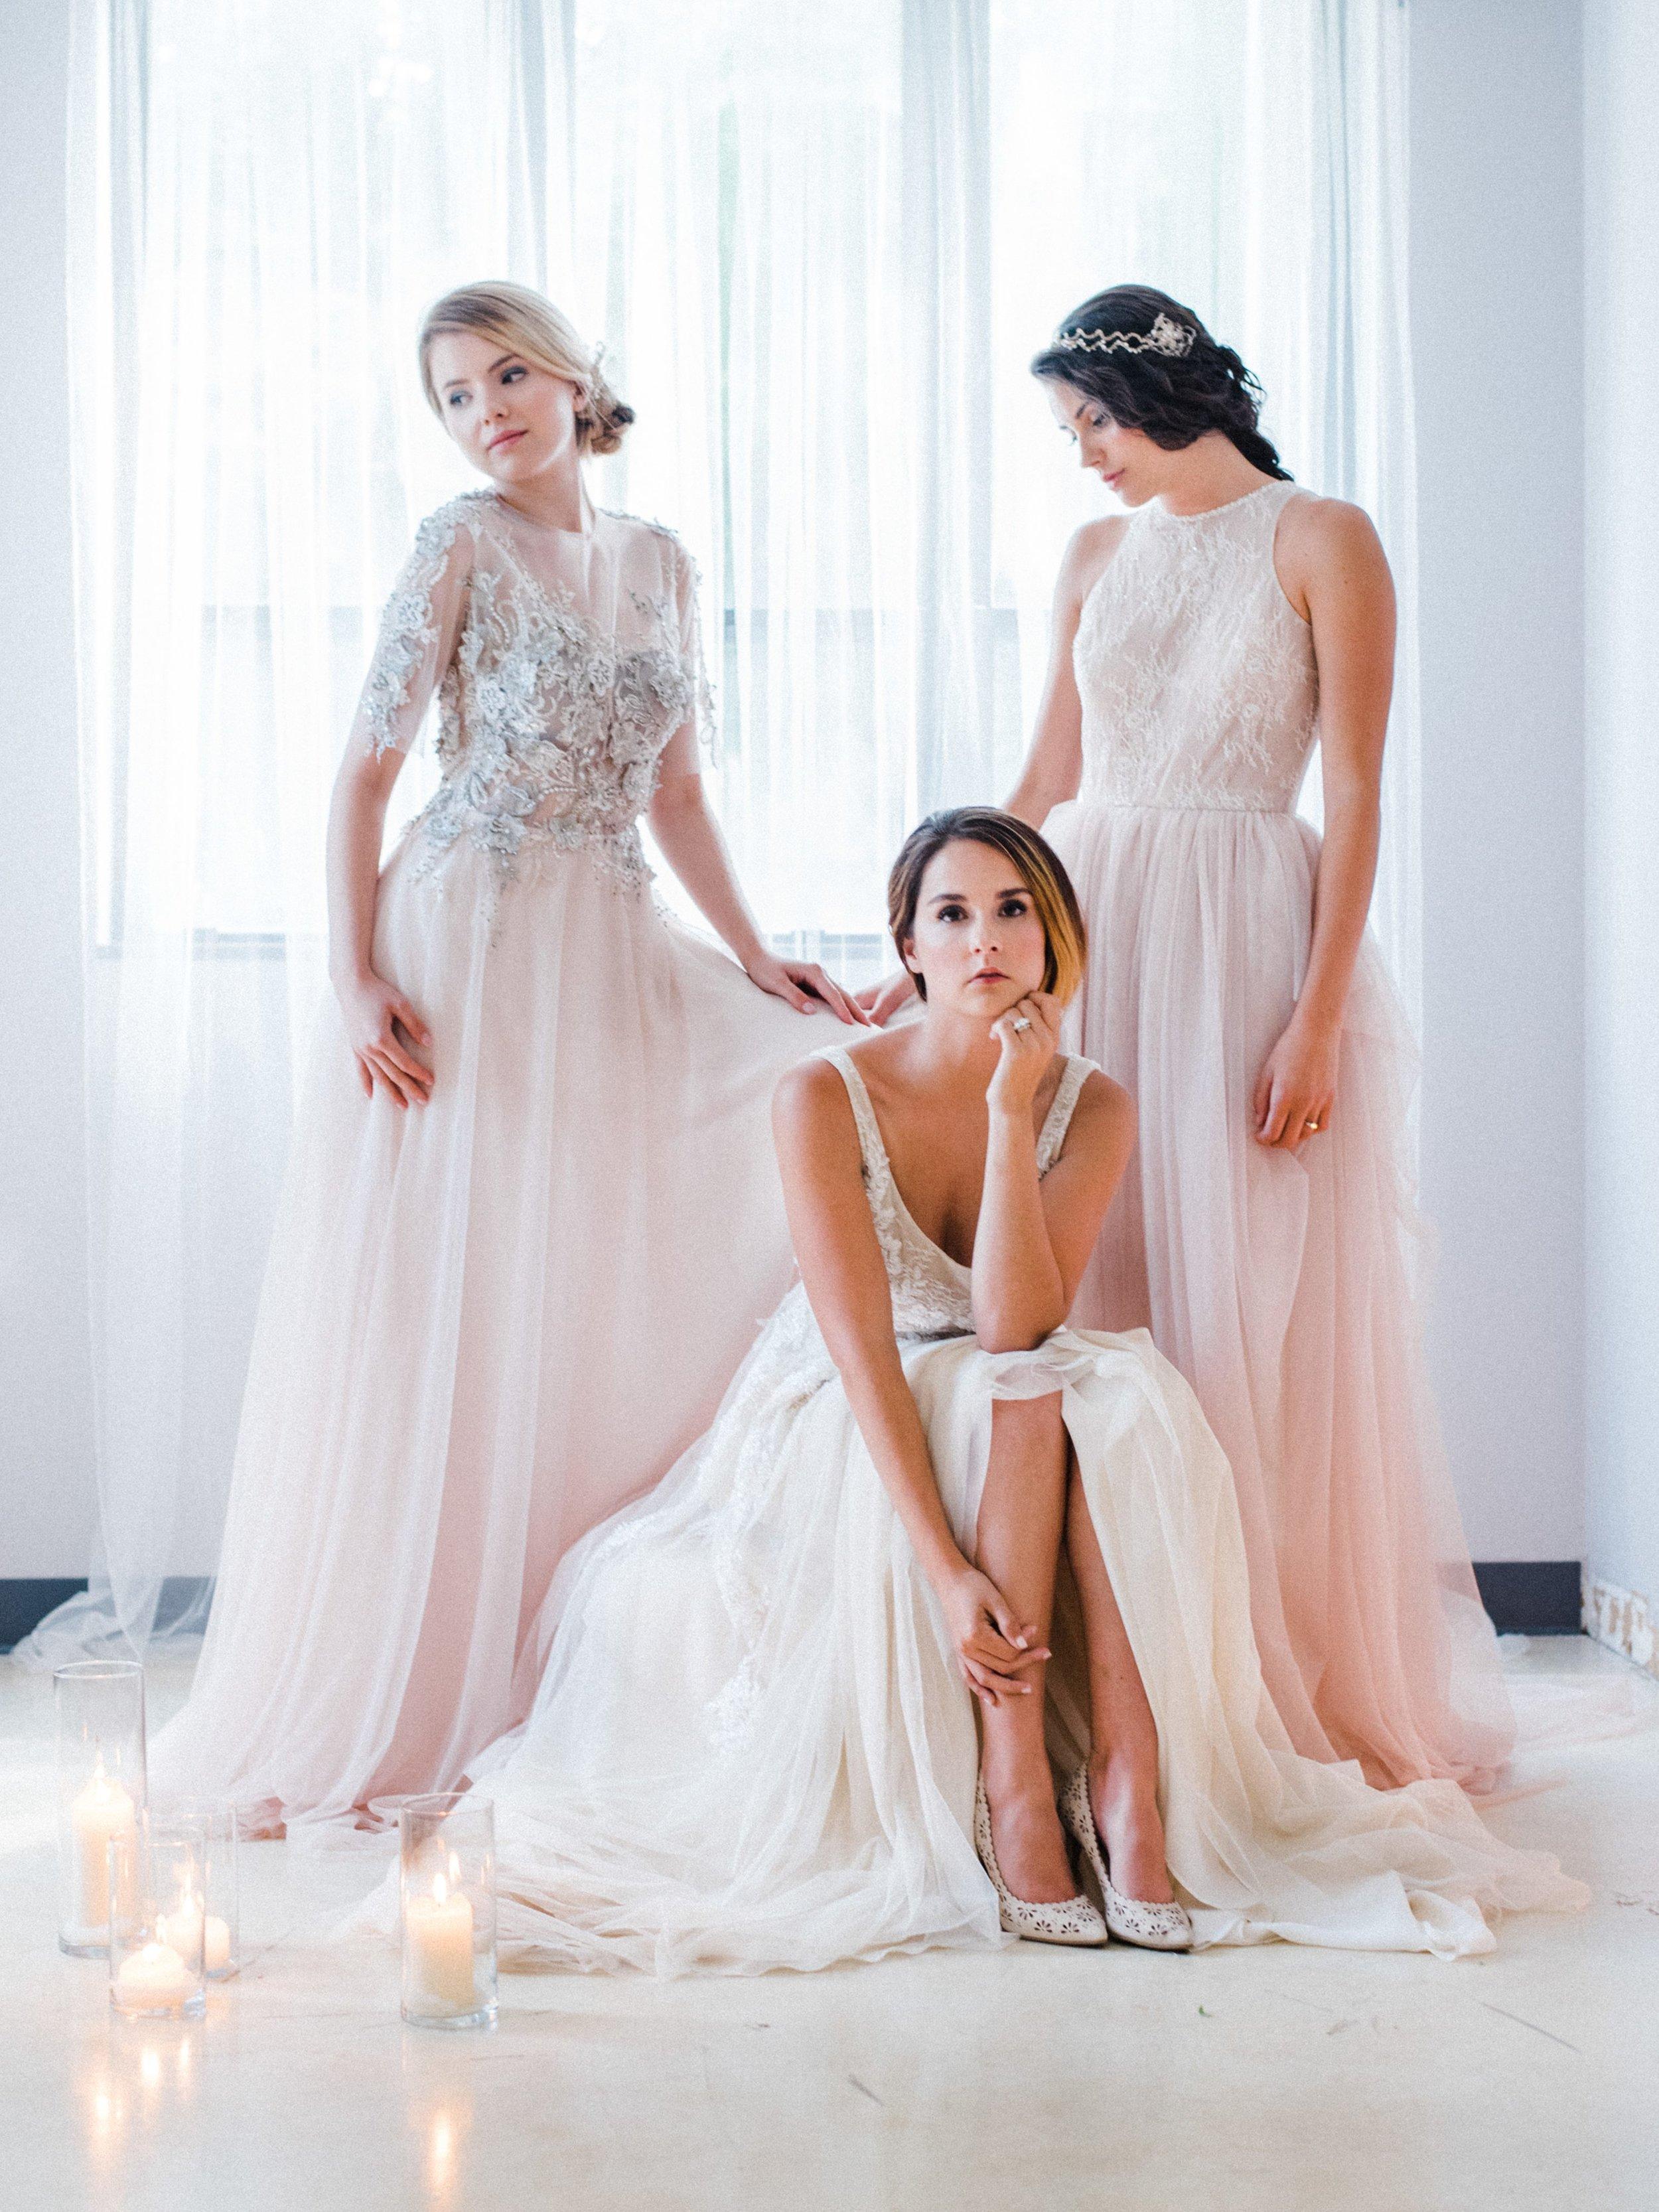 Priscilla Costa Bridal